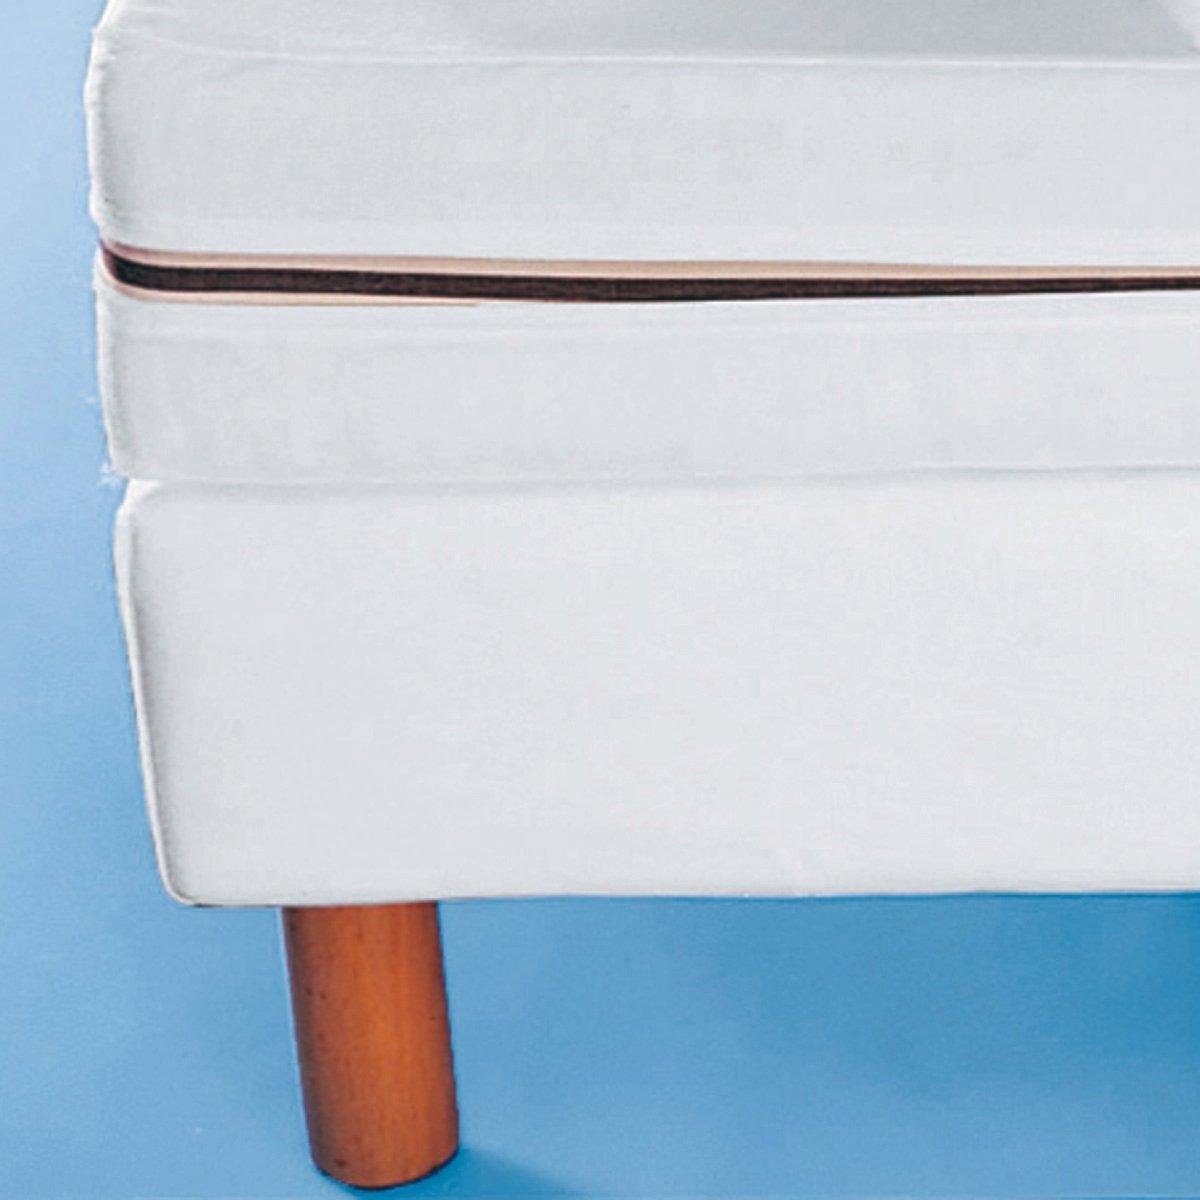 Чехол La Redoute Для кровати 140 x 190 см белый чехол la redoute защитный для матраса натяжной из эластичной микрофибры 90 x 190 см белый